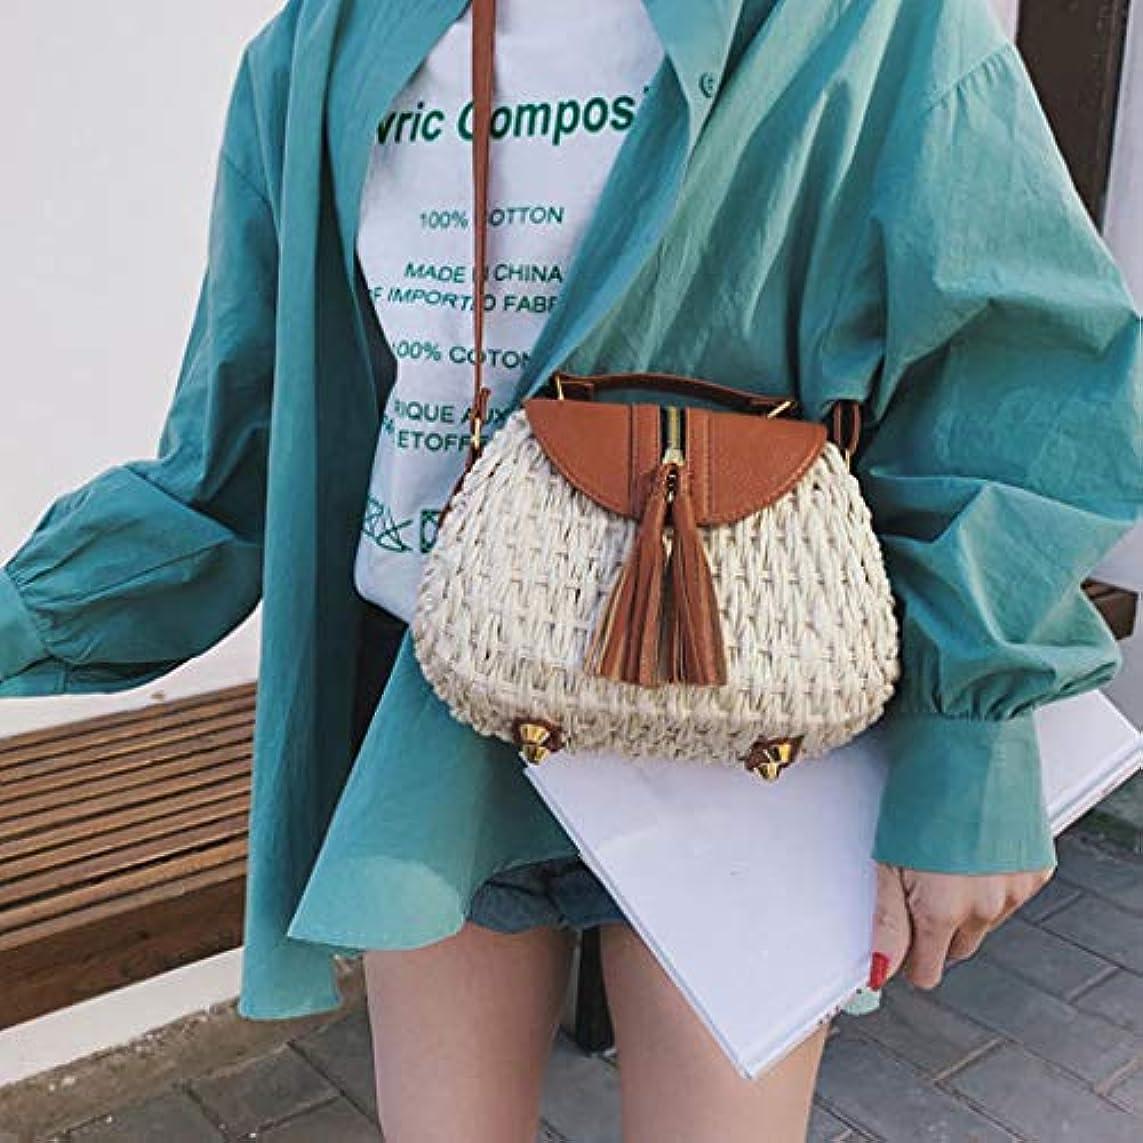 セッティング絶滅させる木女性の流行のタッセルはショルダー?バッグ、女性浜の余暇のクロスボディ袋を織ります、女性のタッセルは浜様式のメッセンジャー袋を織ります、女性方法対照色のビーチ様式のメッセンジャー袋 (ベージュ)